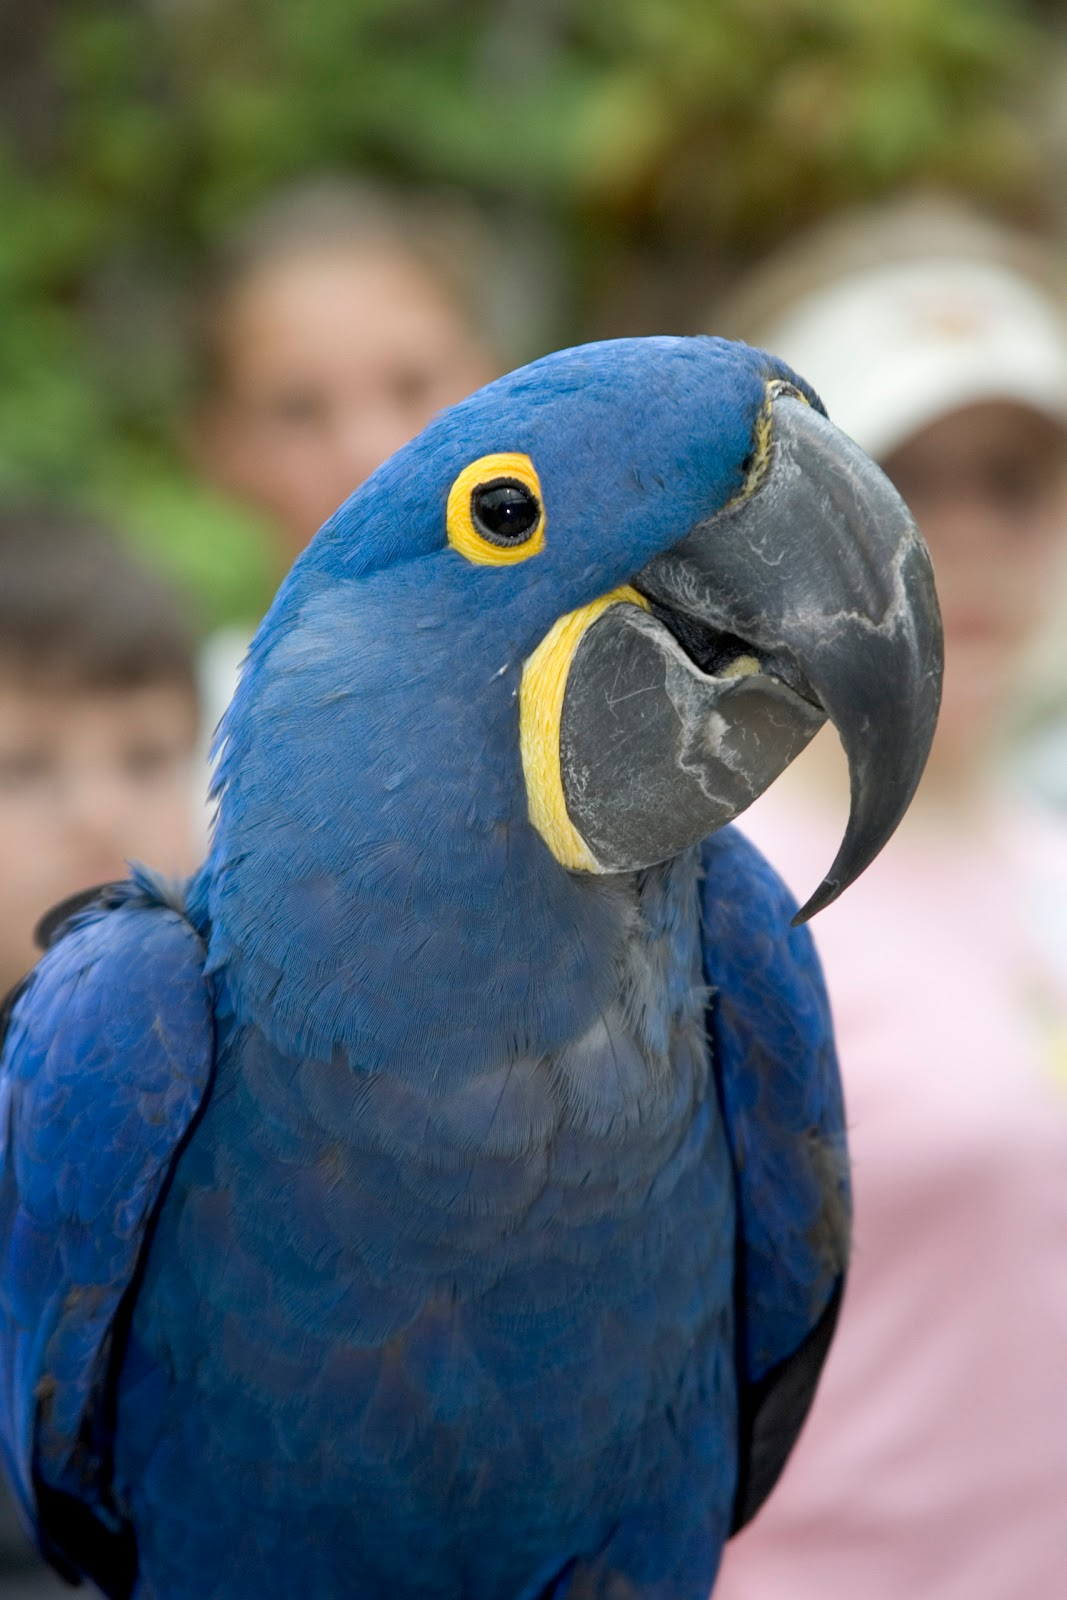 Flying Animal: Hyacinth Macaw - 195.0KB